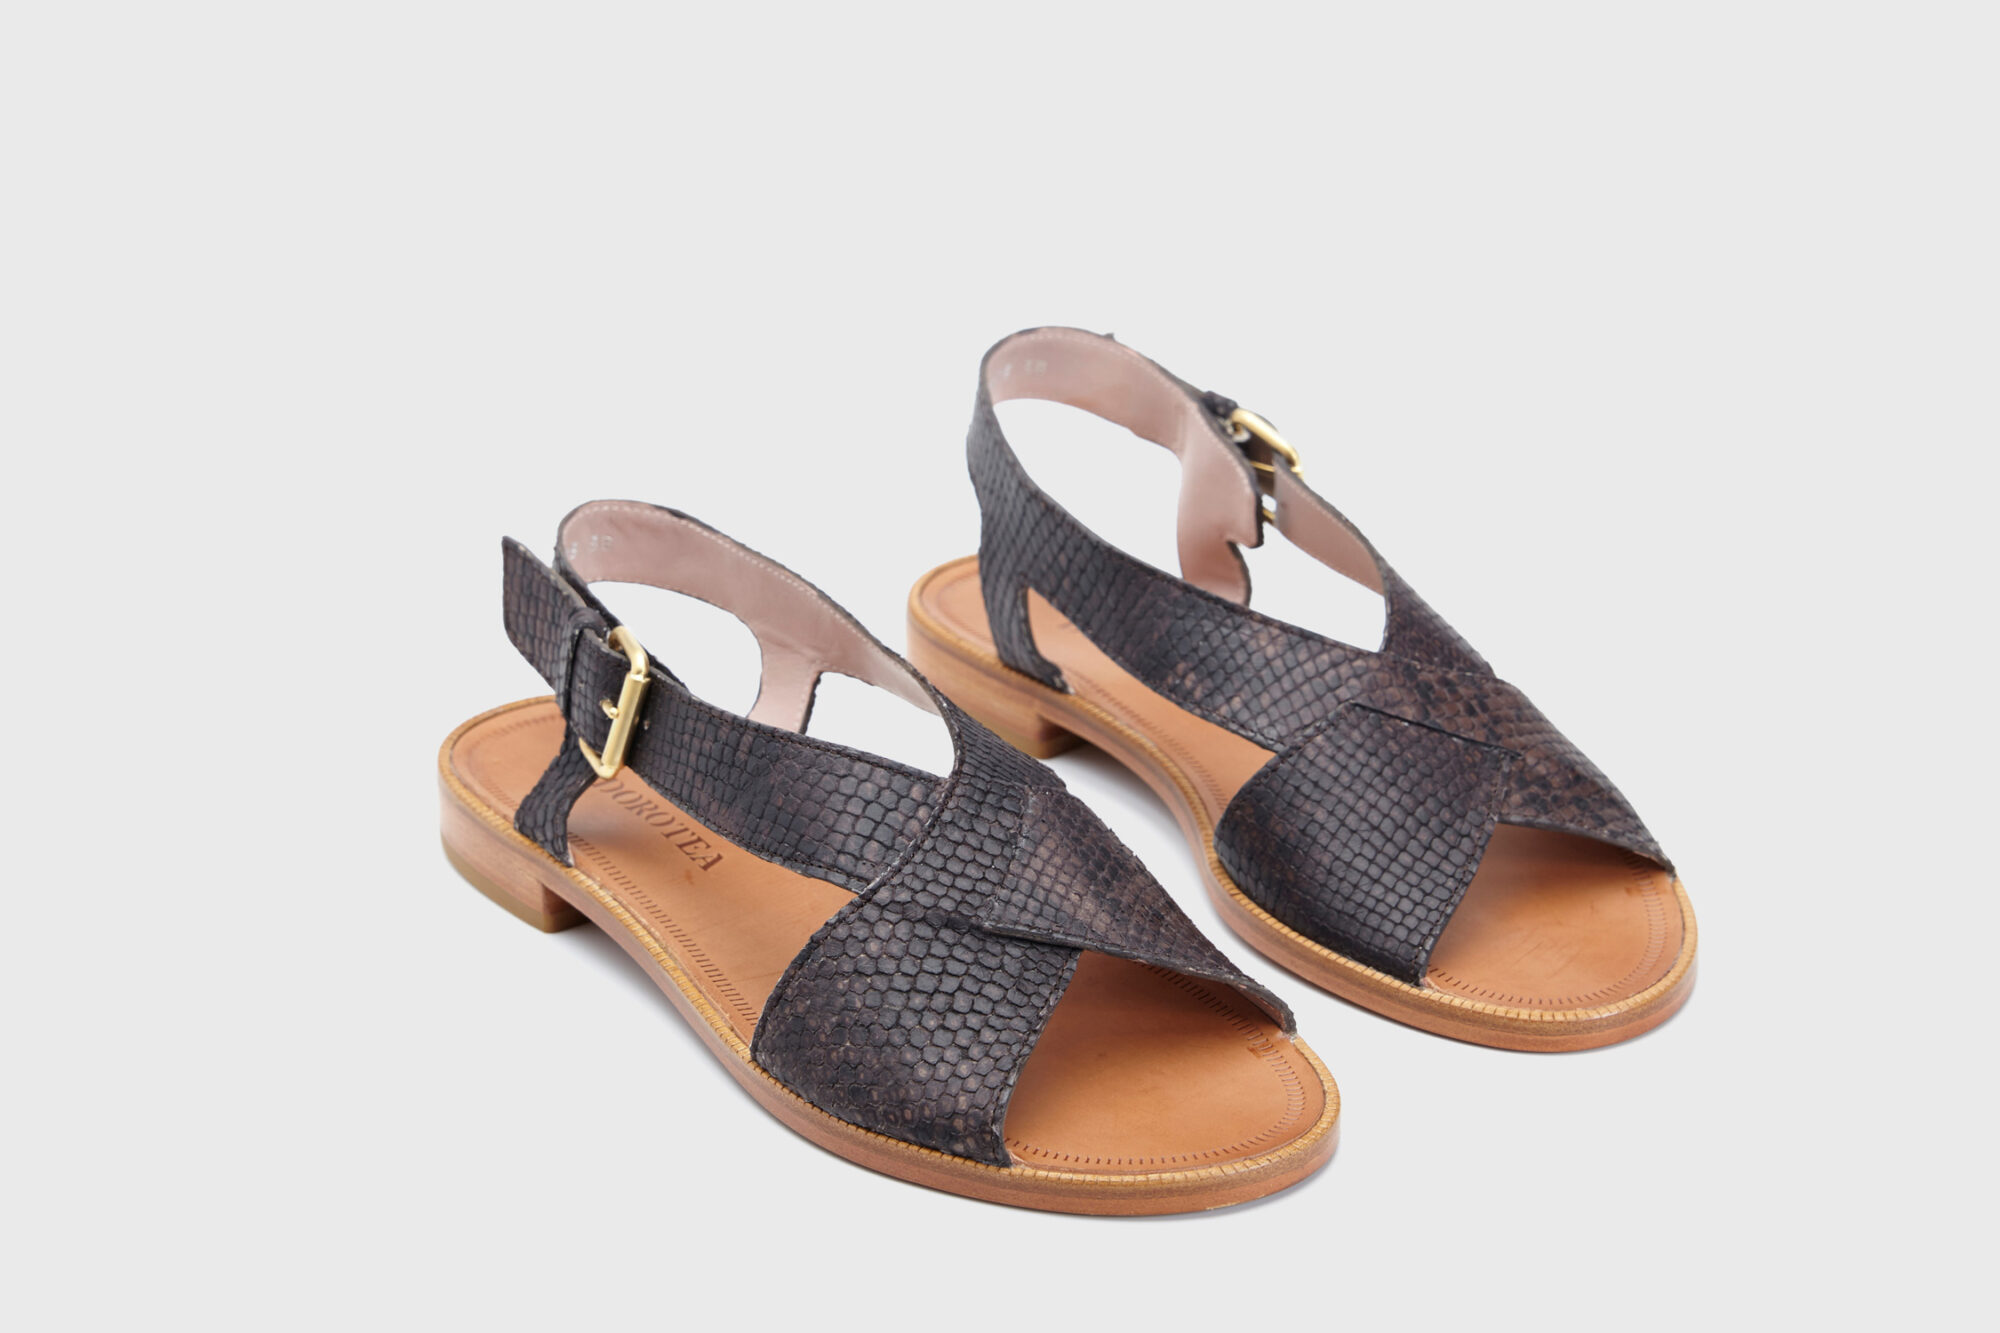 Dorotea sandalia plana Anne kaki ss18 par